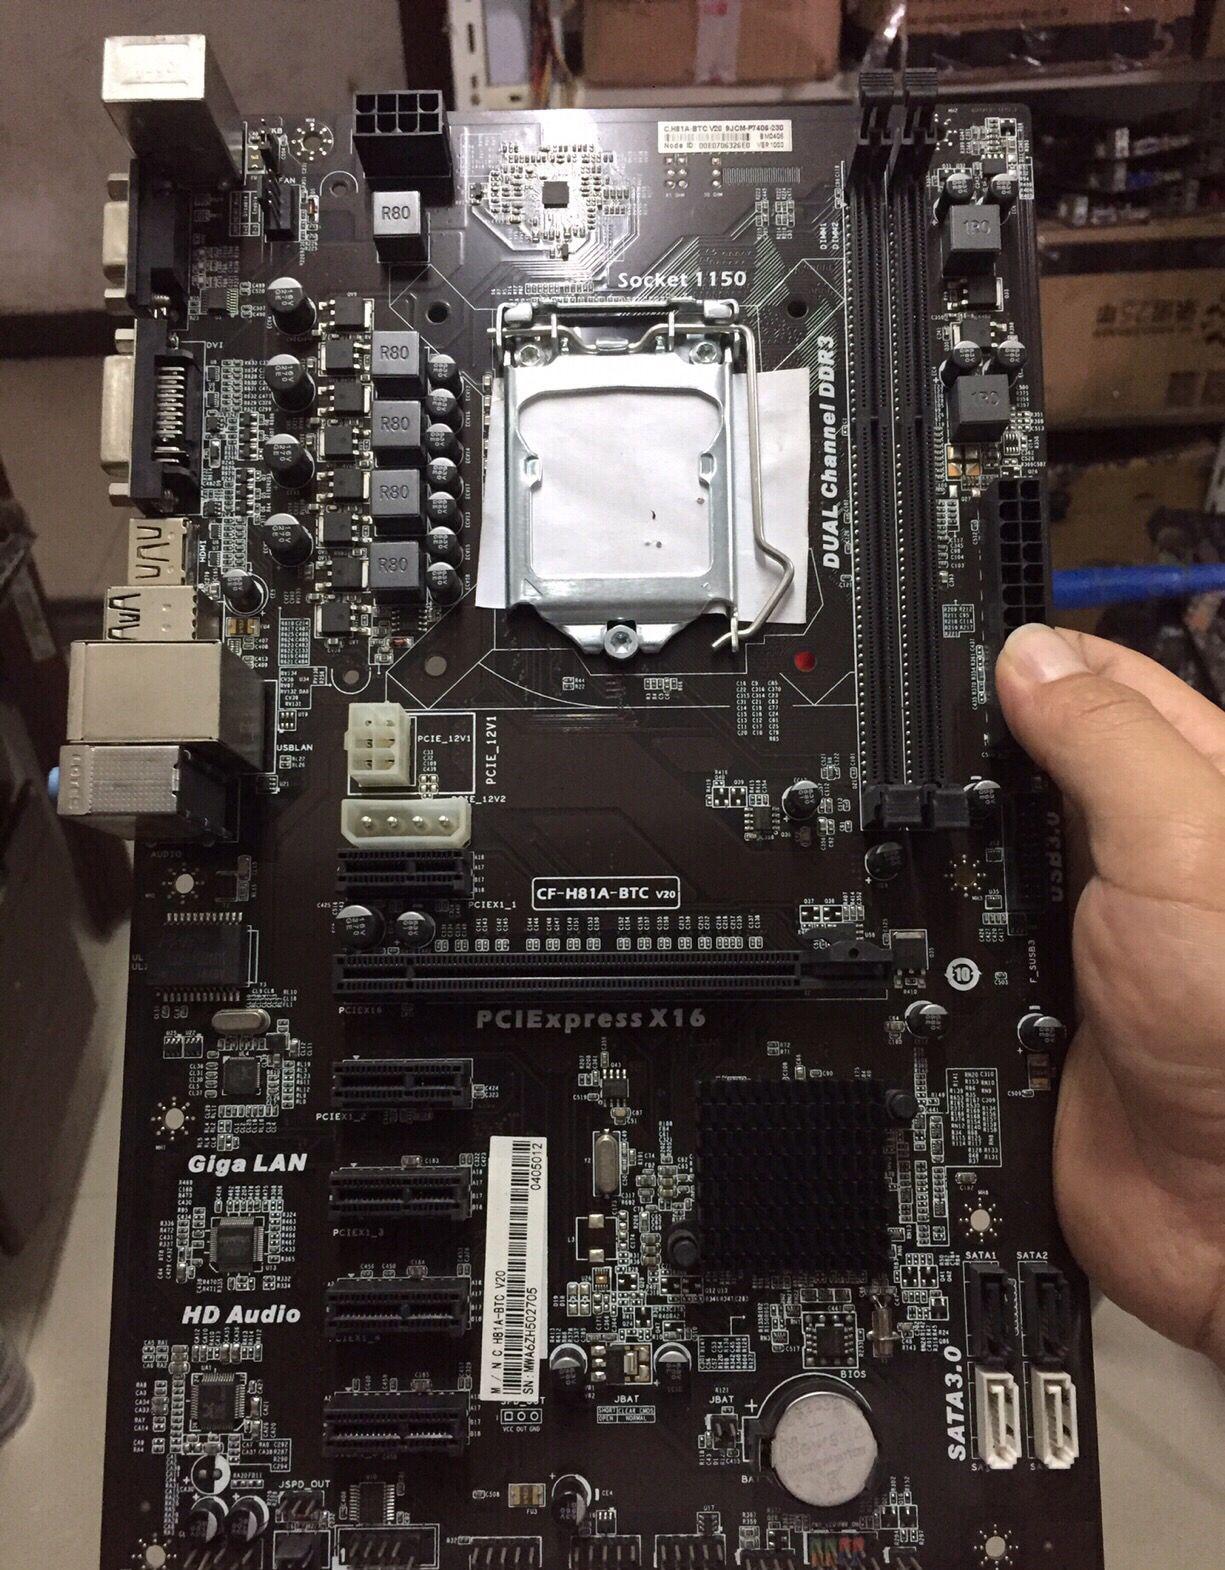 التعدين اللوحة H81P BTC اللوحة 6GPU 6PCI-E H81A-BTC اللوحة CF-H81A-BTC LGA 1150 DDR3 H81 BTC برو H81